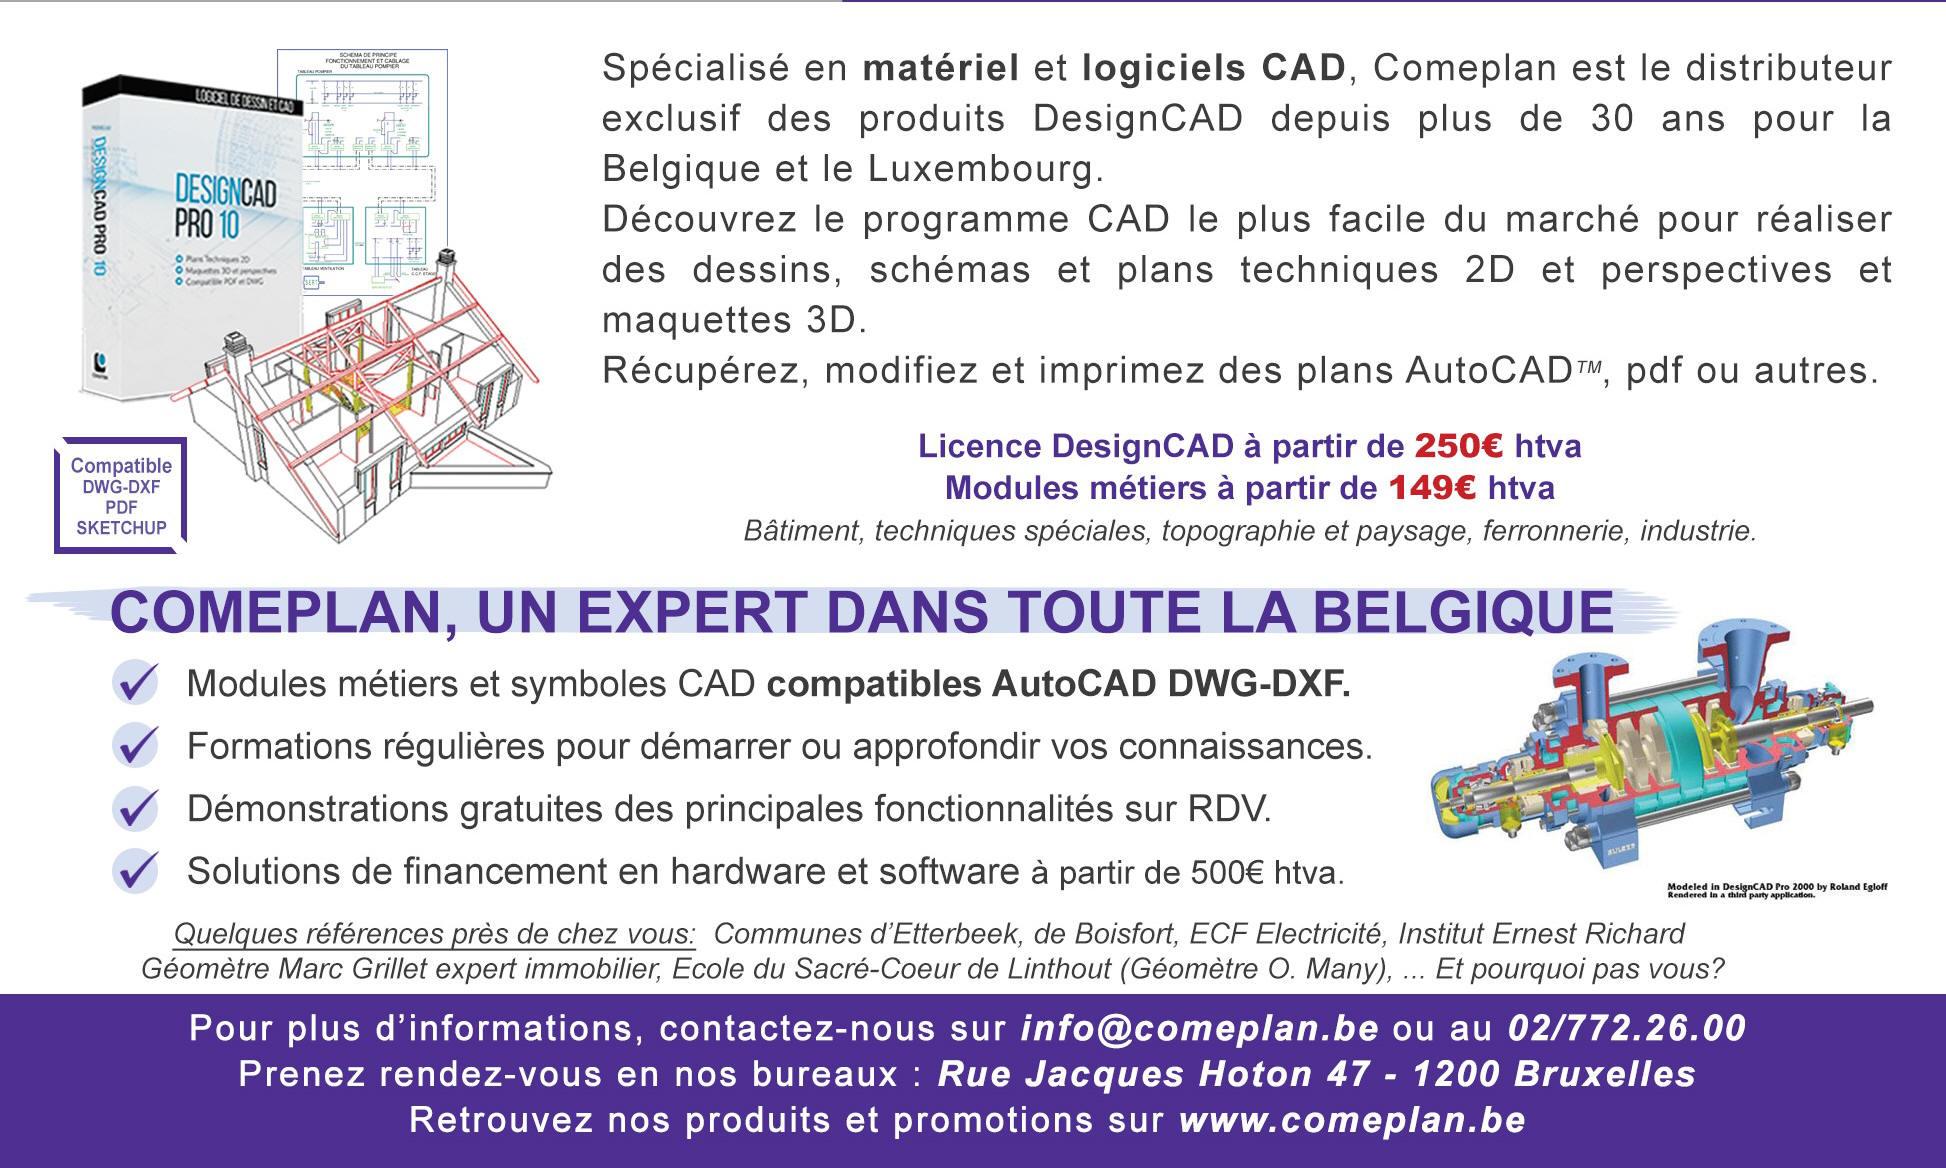 Extremement Bibliothèques Librairies de symboles CAD/CAO 2D et 3D DWG DXF JD-83